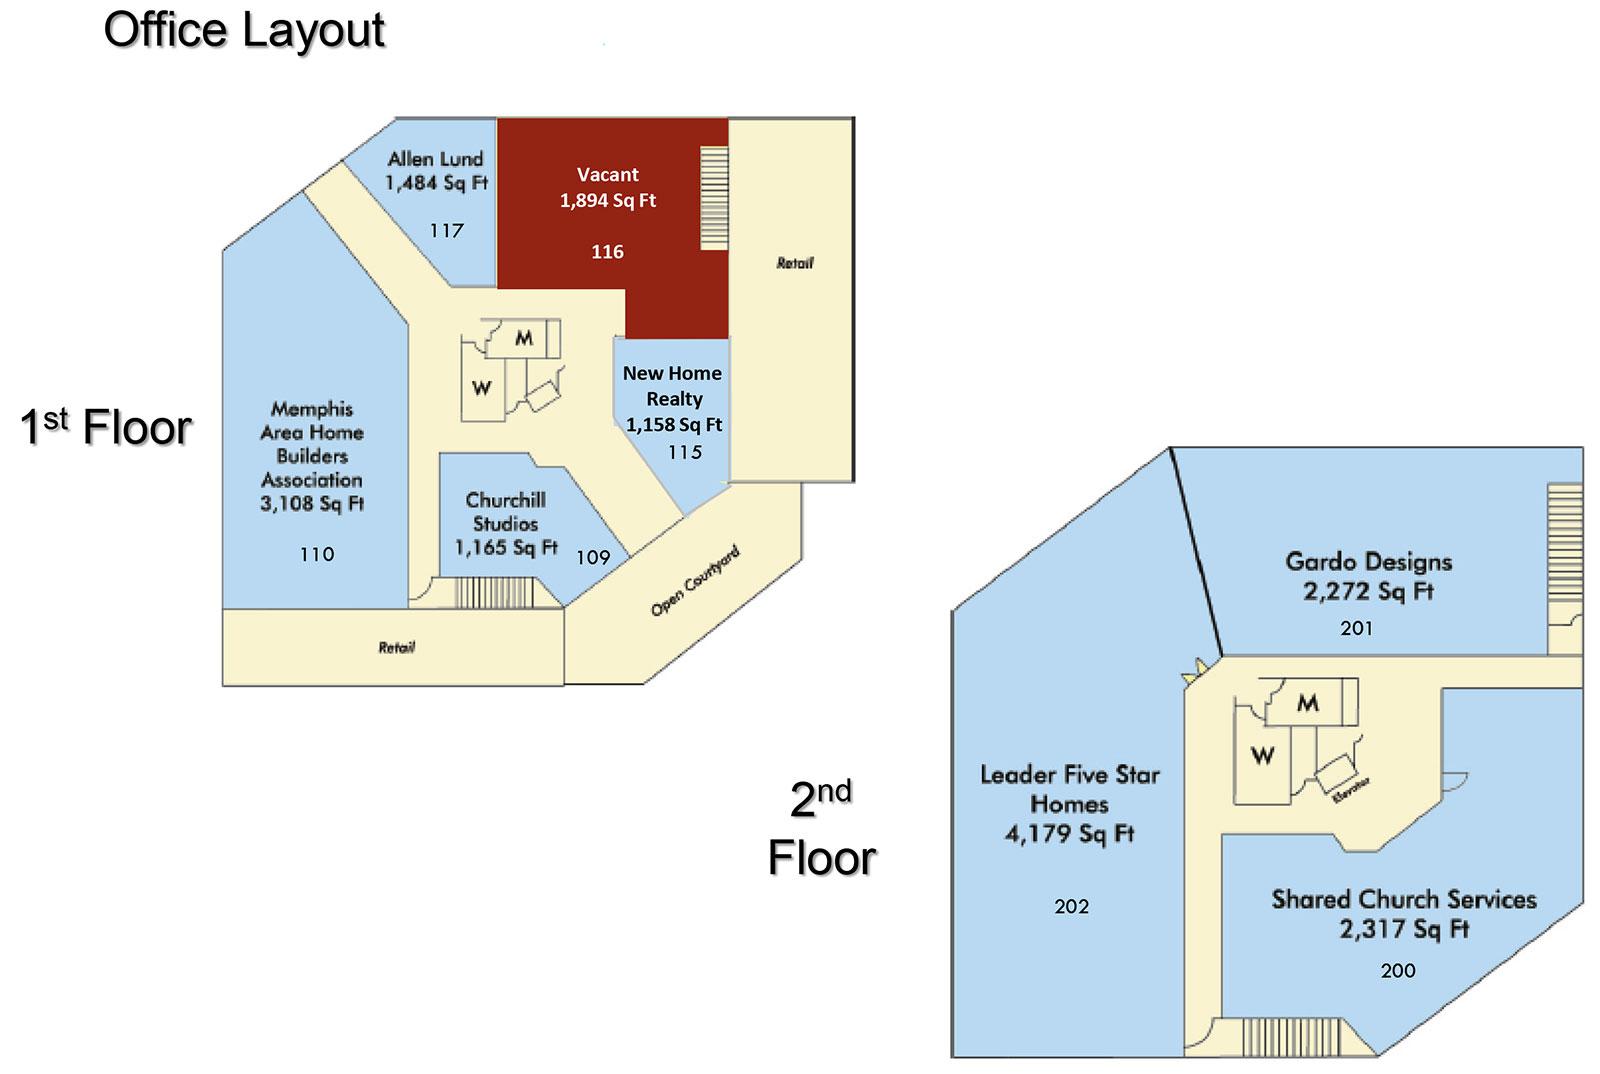 Trinity Office Layout - Trinity Place